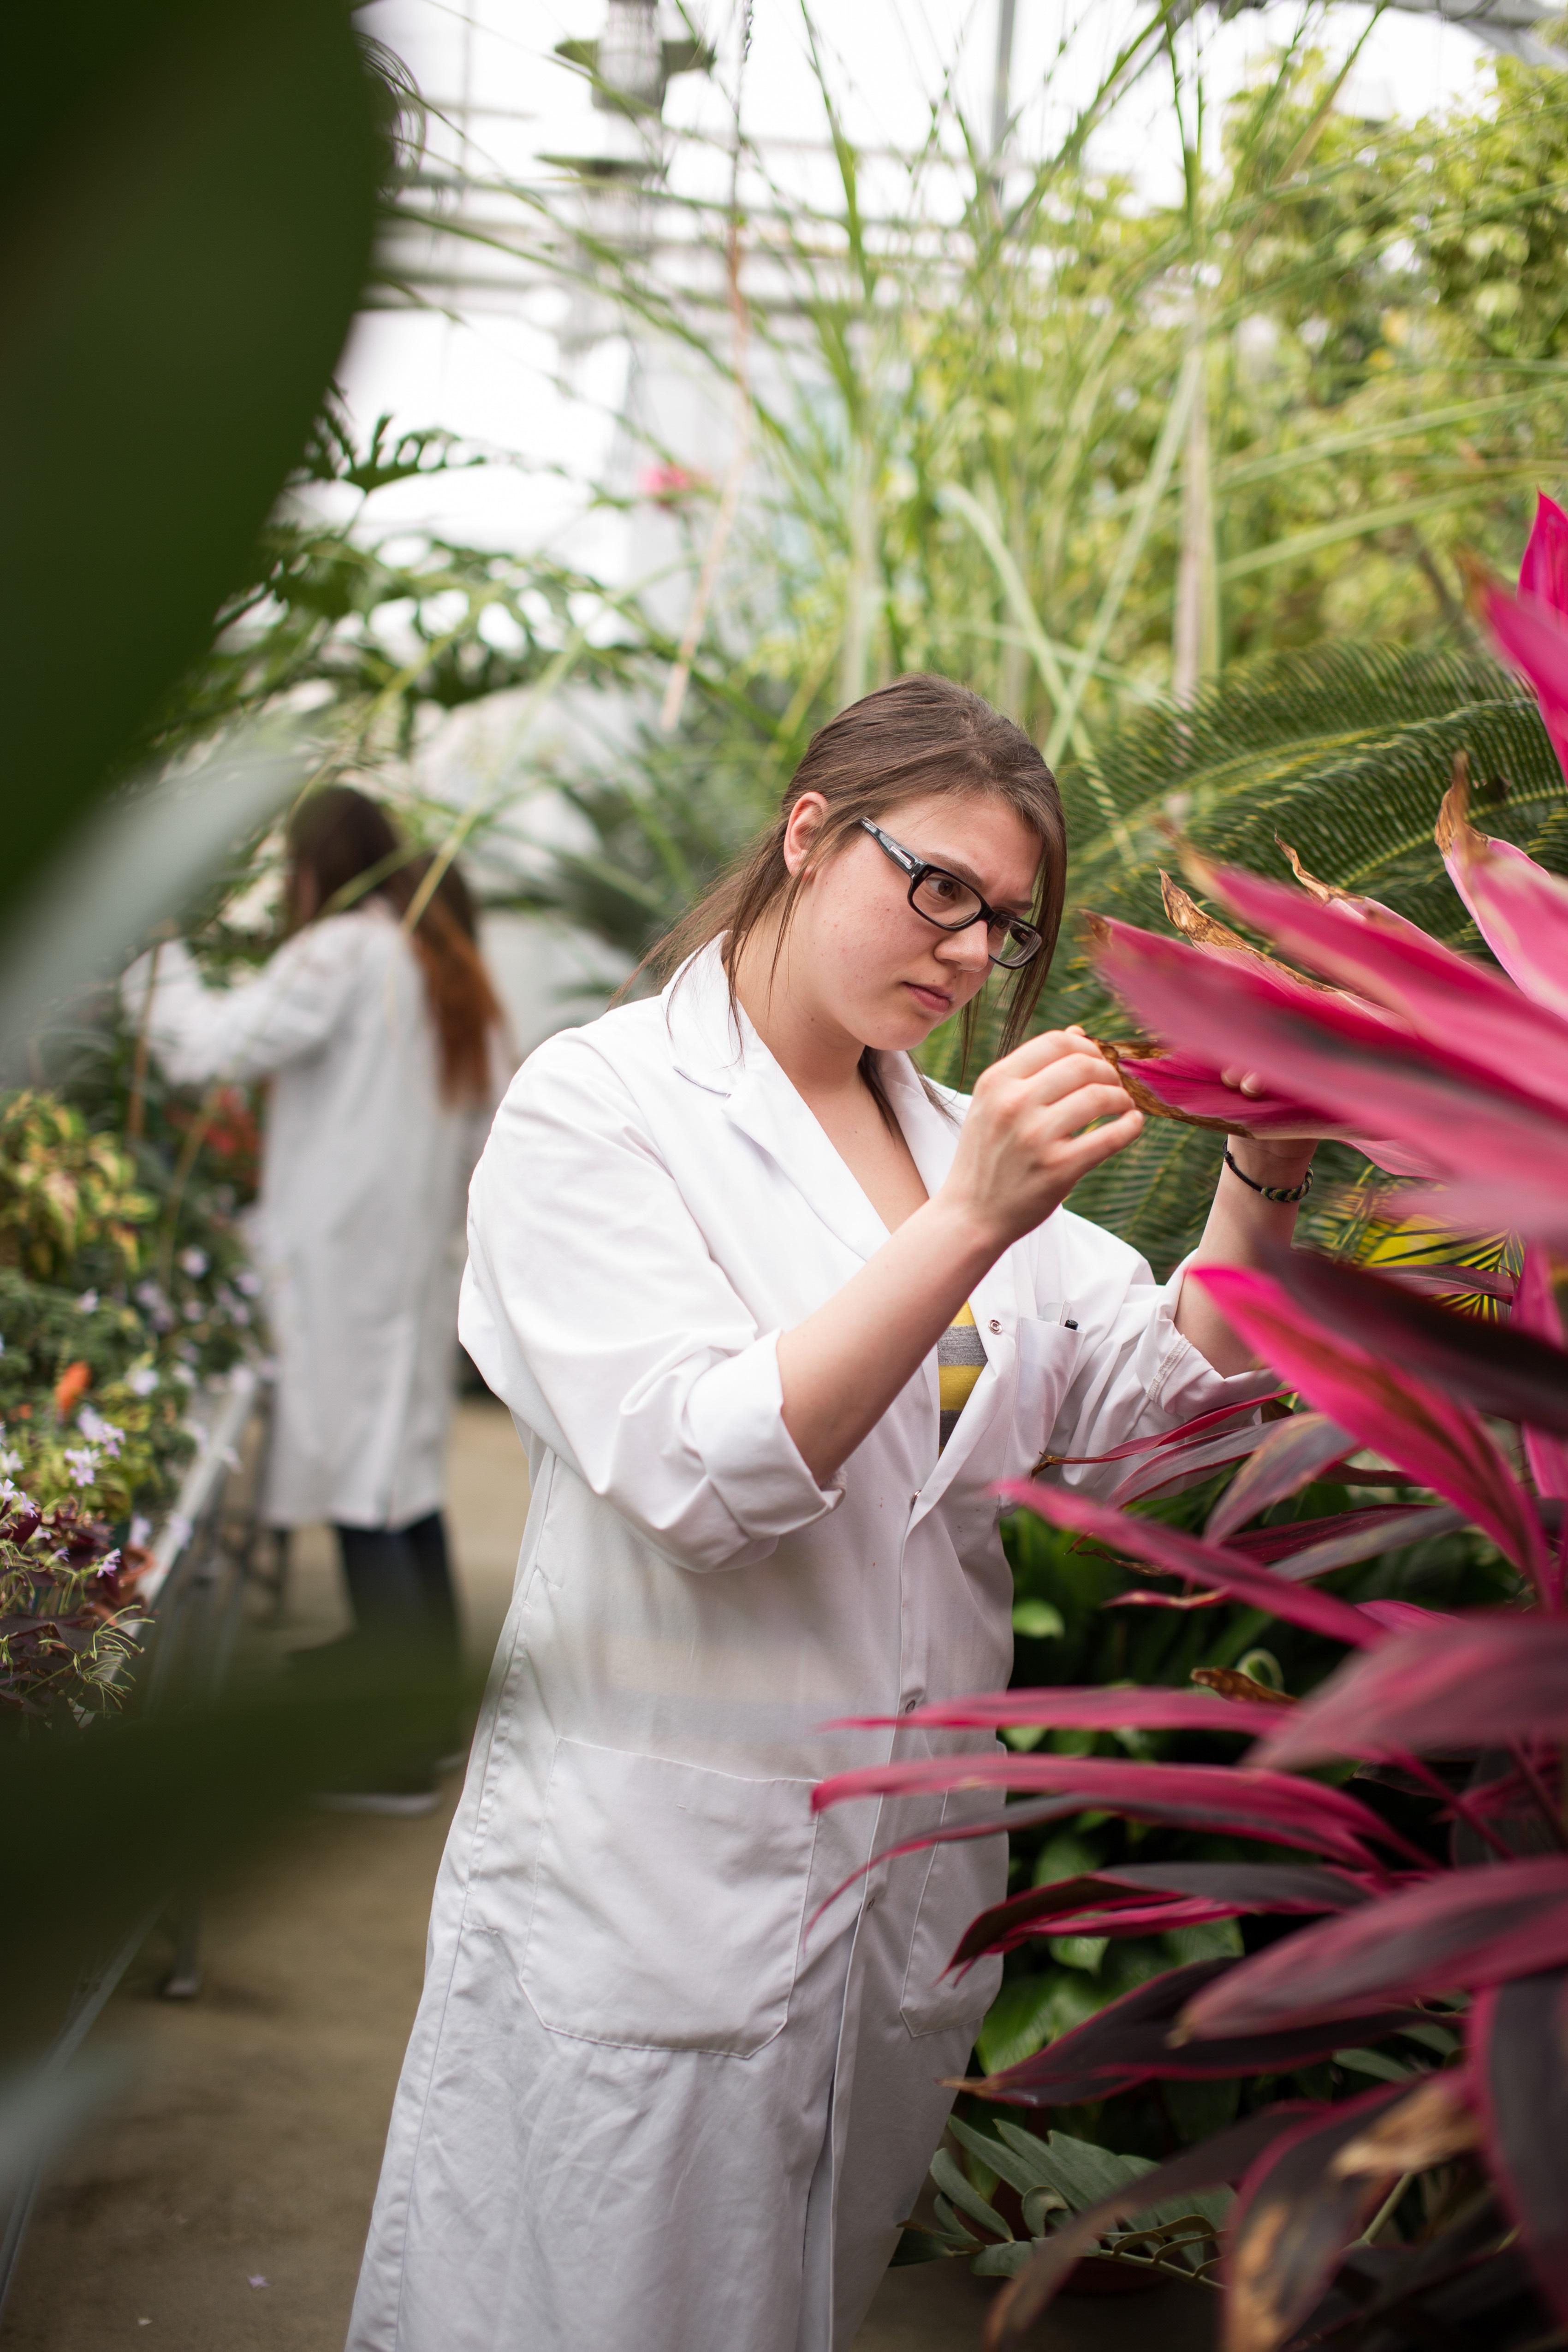 Une étudiante vêtue d'un sarrau blanc observe une plante au feuillage rouge.